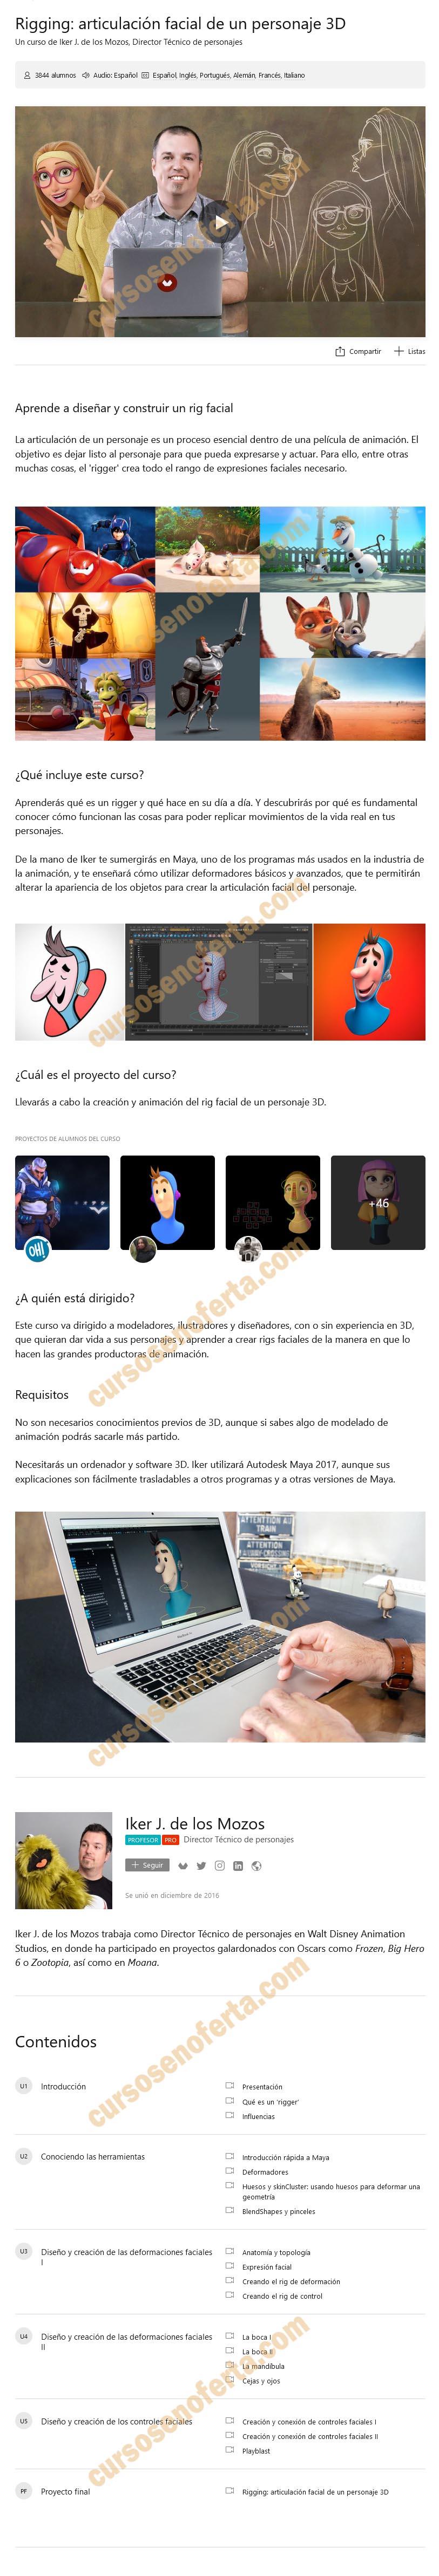 Rigging - articulación facial de un personaje 3D